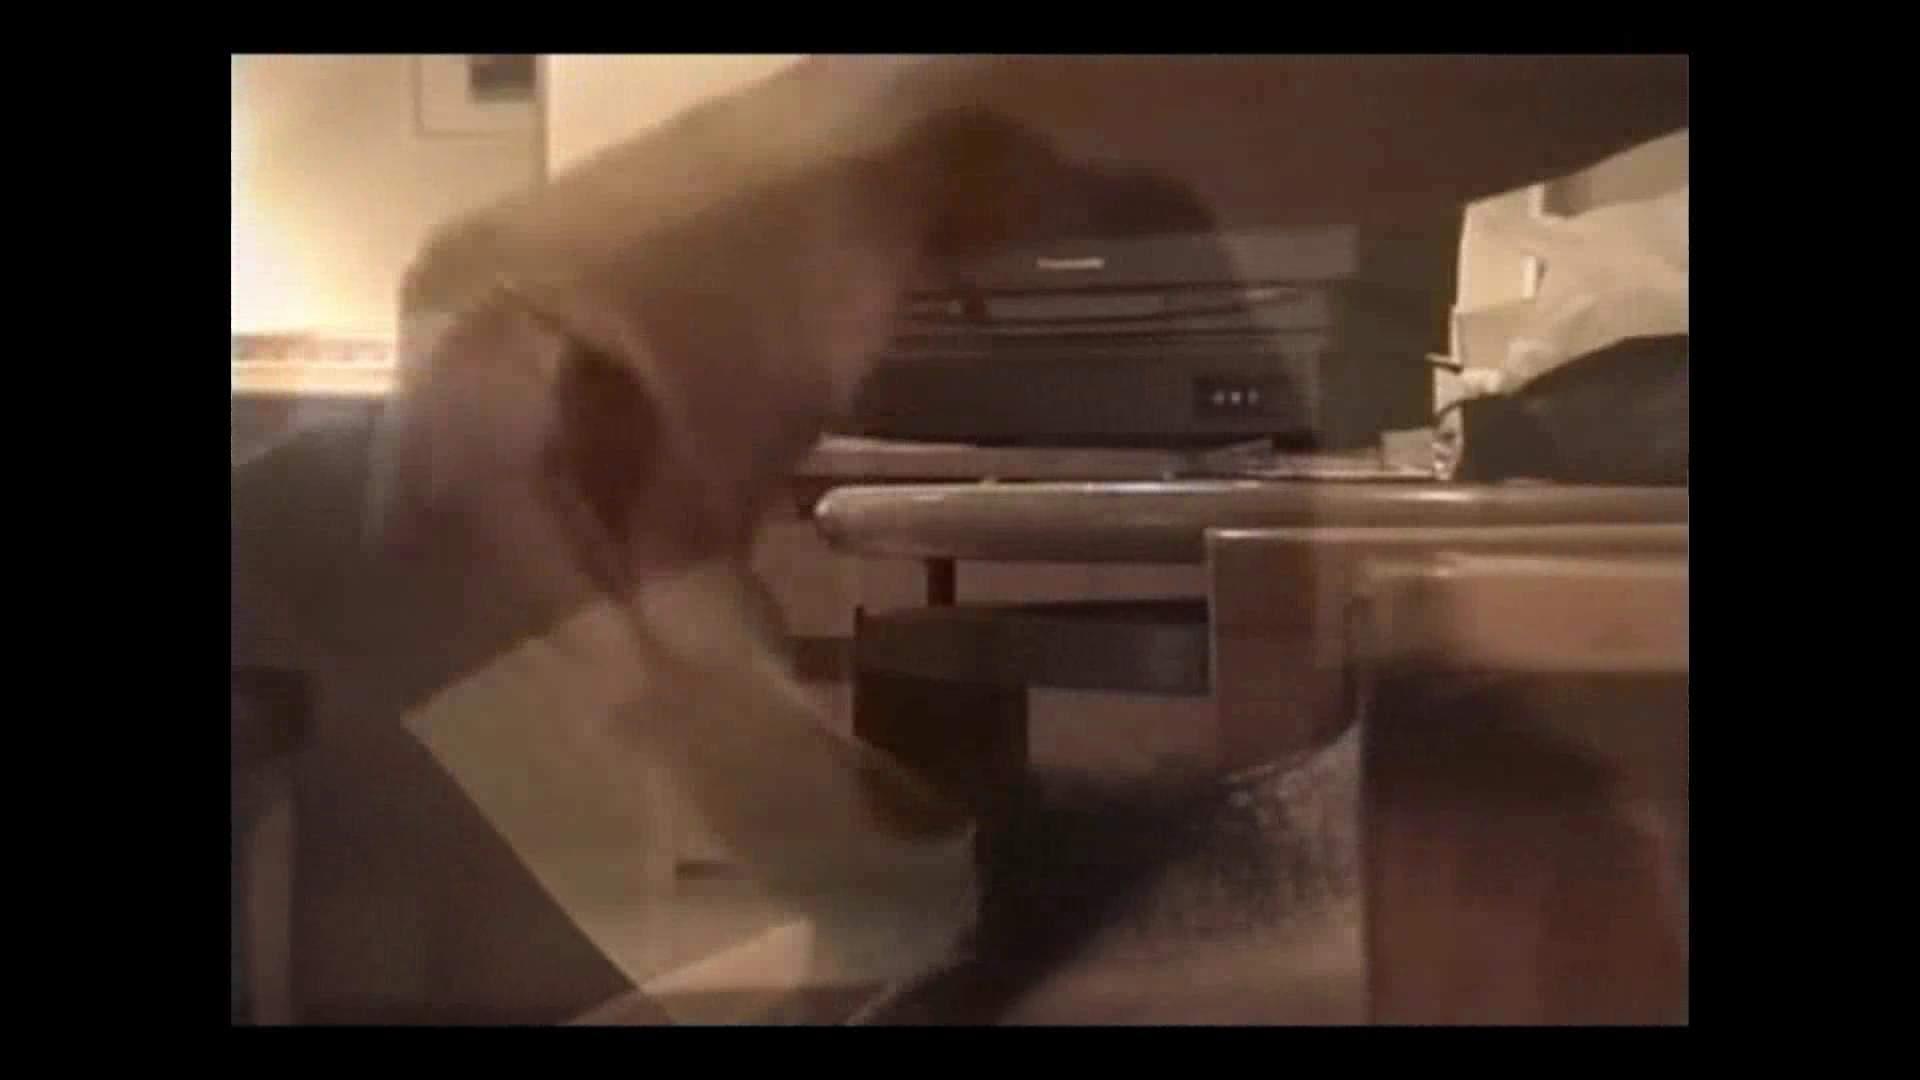 おまけ!阪神の優勝に興奮してイキ過ぎた行動をする男を口説きオナニー撮影 オナニー特集 | イケメンのsex  80pic 72